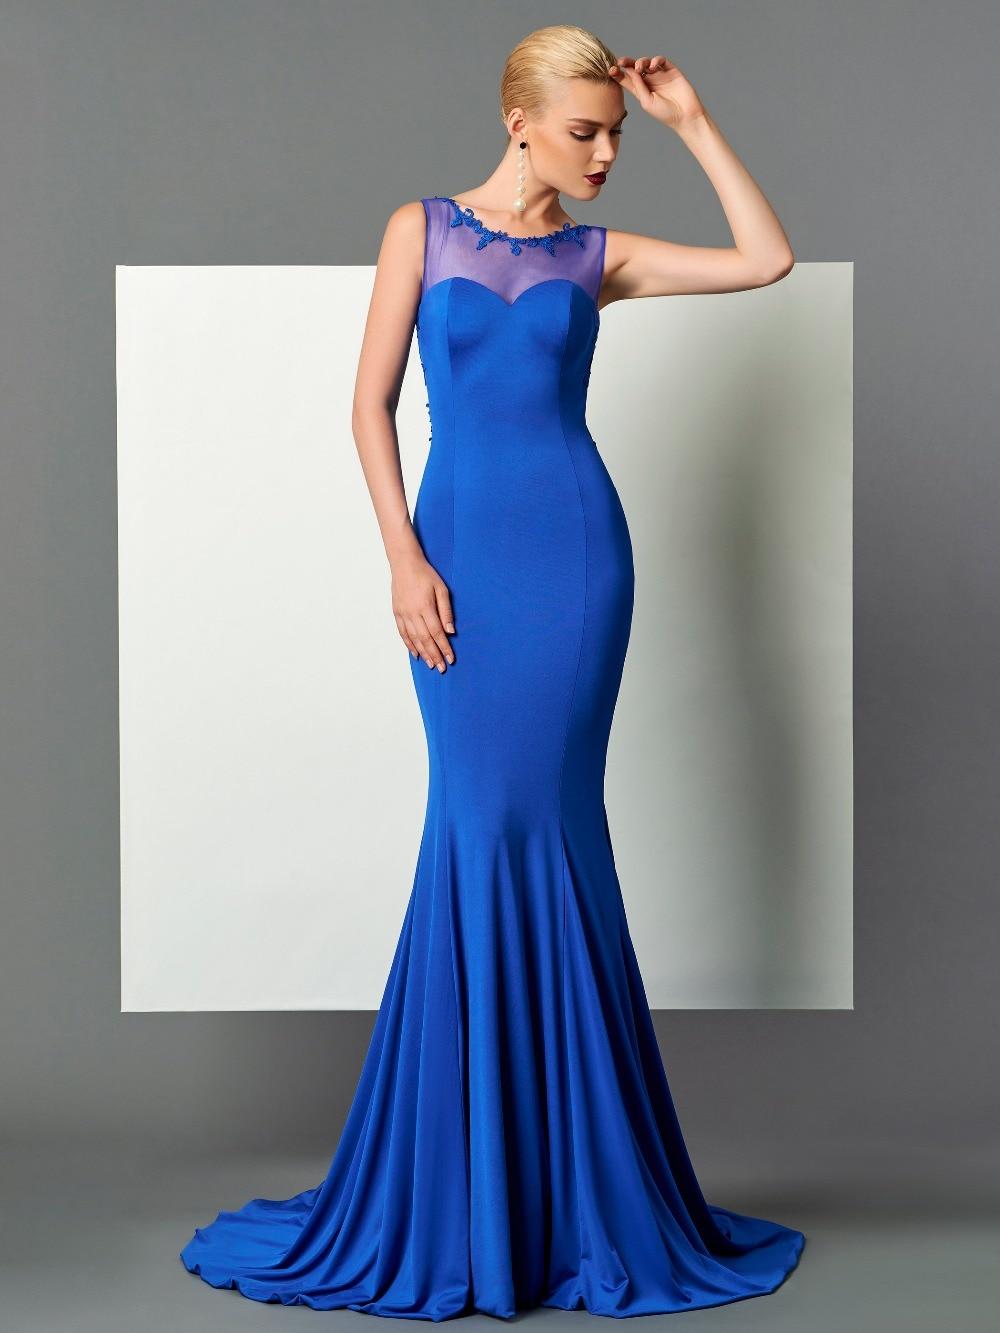 Sexy bleu Spandex robes de soirée longues robes de bal robe de soirée avec Appliques robe de soirée vestido longo